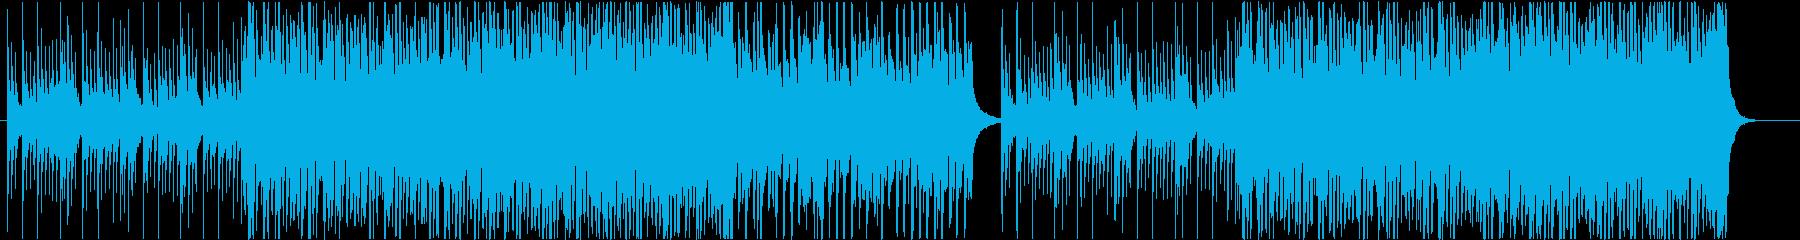 やさしさや荘厳さを感じるピアノの再生済みの波形